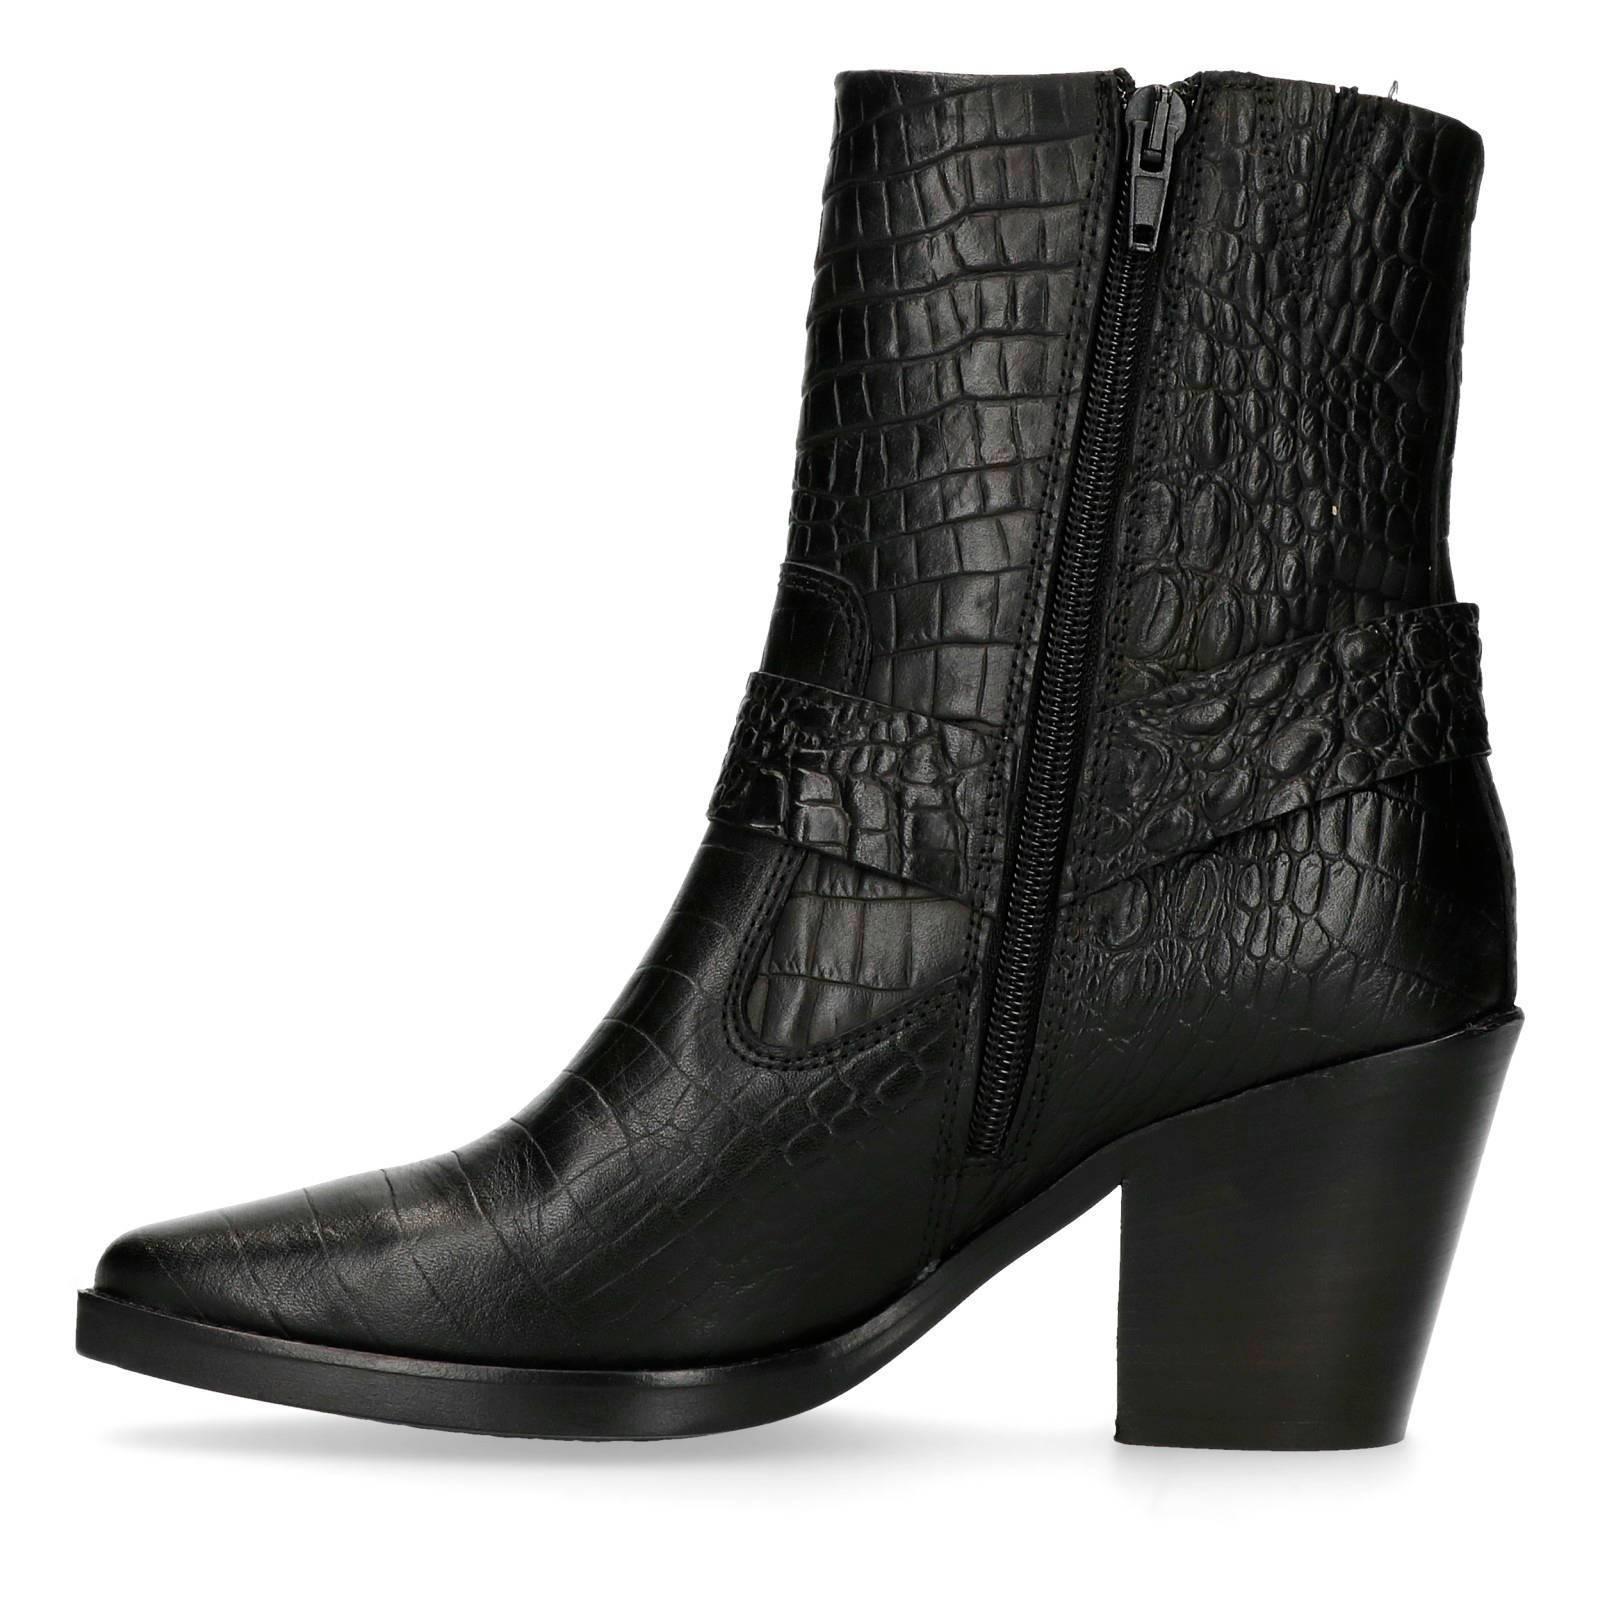 leren cowboy laarzen met krokodillenprint zwart